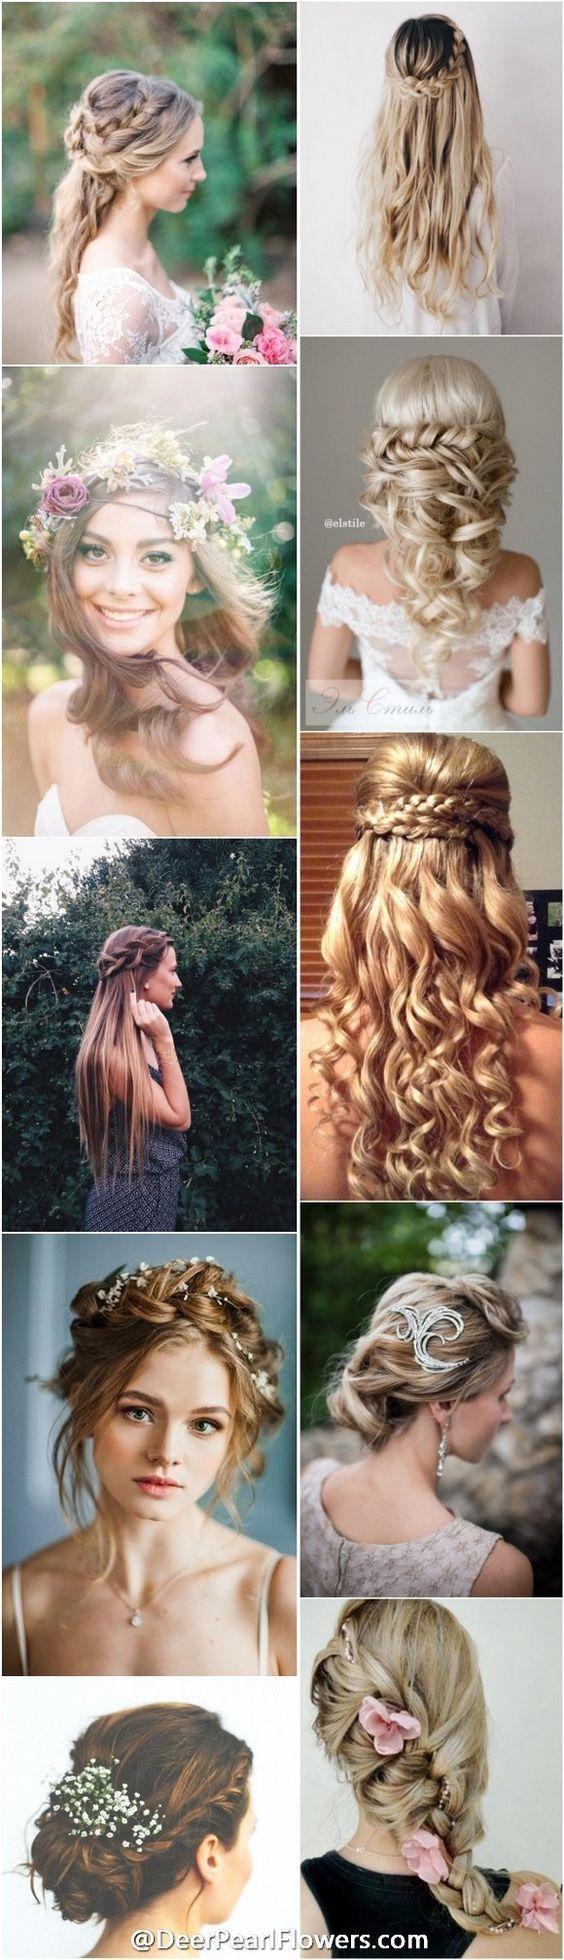 Plus de 1000 coiffures de mariage pour cheveux longs | www.deerpearlflow ... - #deerpearlflow # coiffures de mariage #long - #nouveau